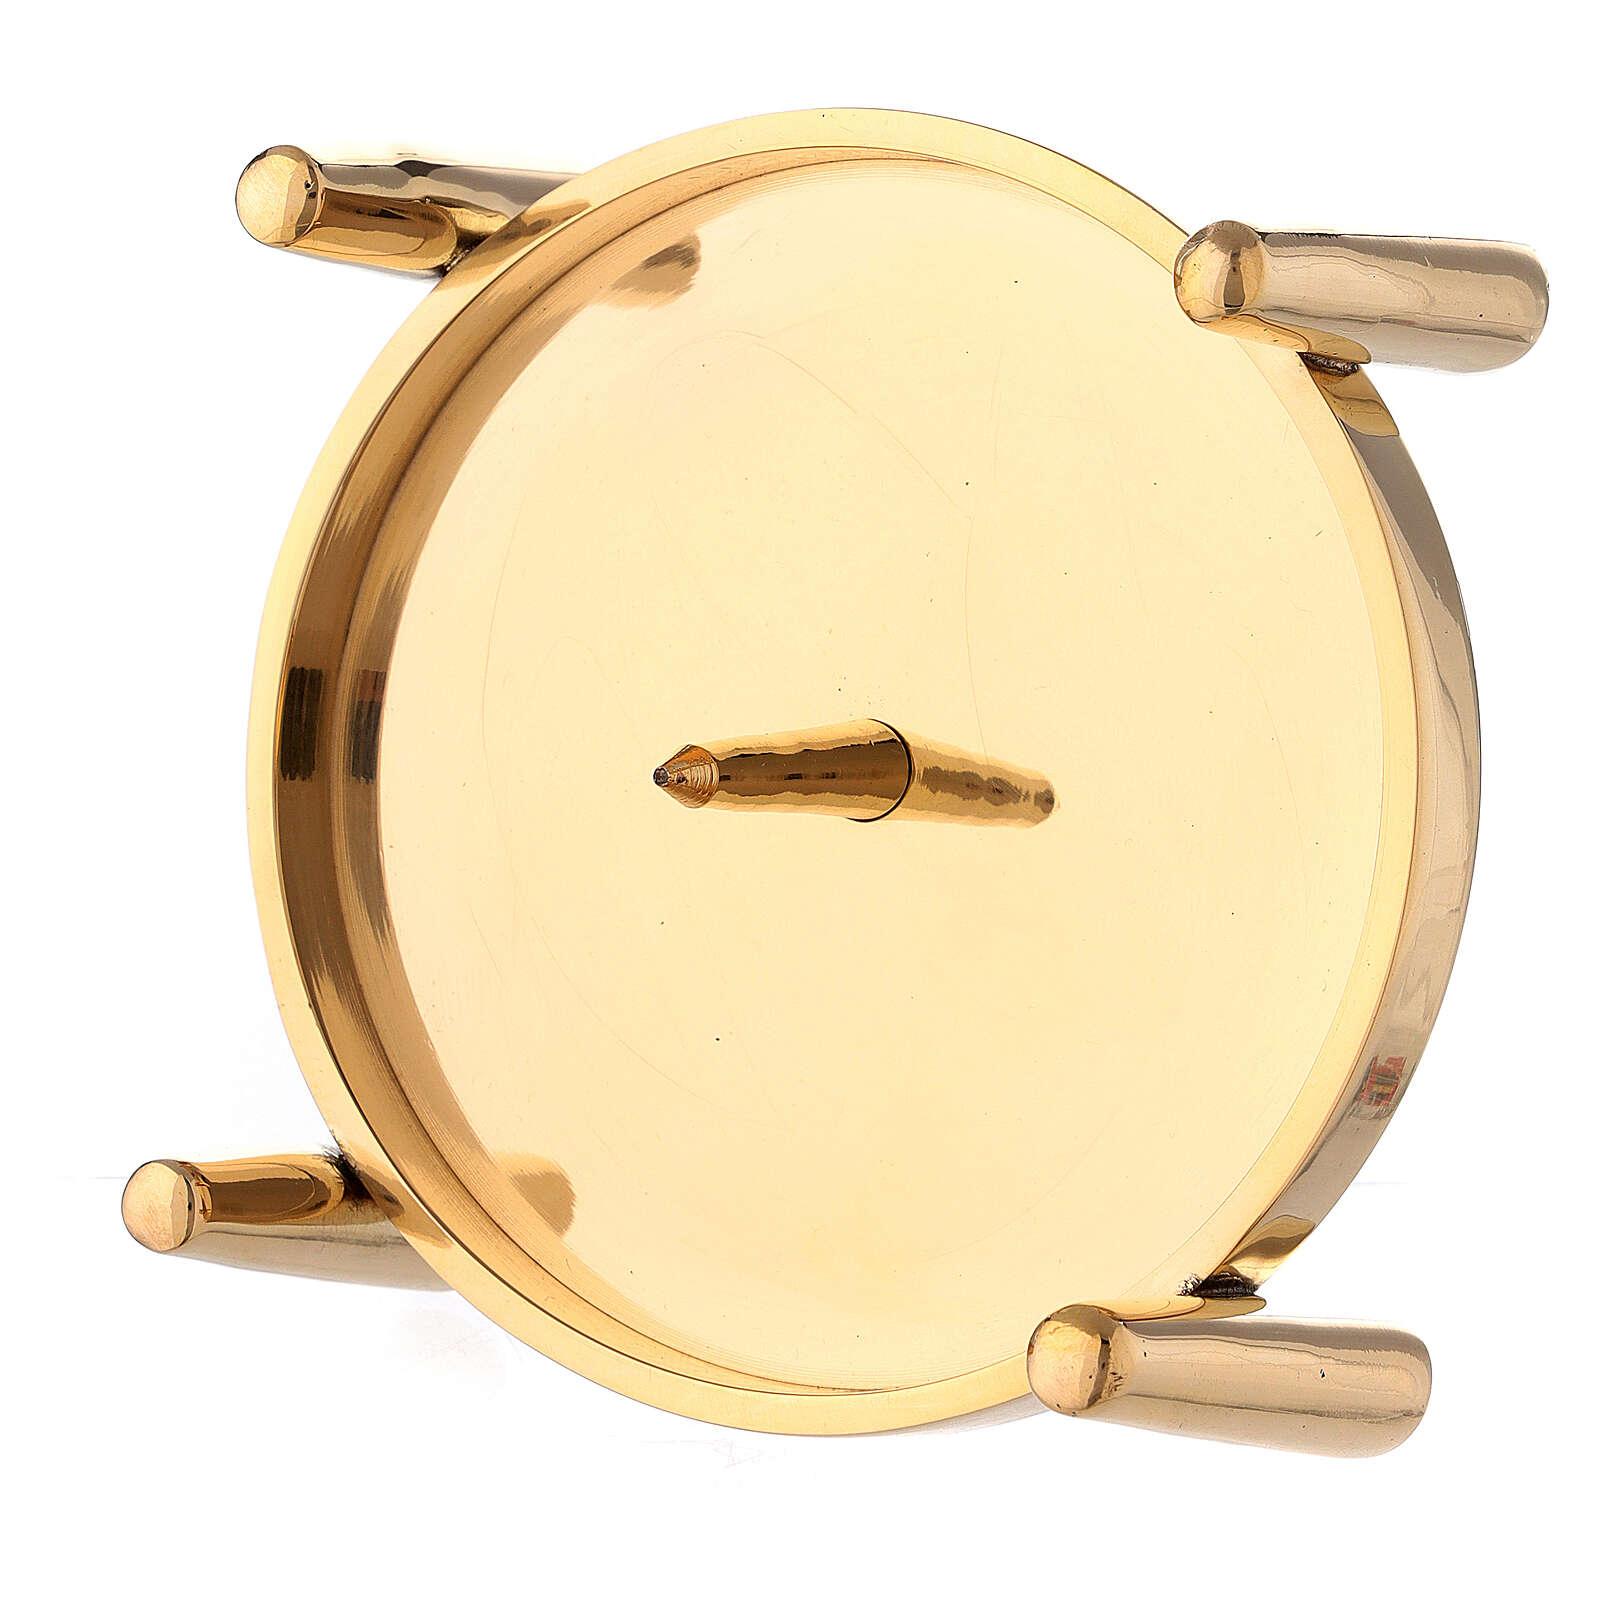 Base portacero ottone dorato lucido 10 cm punzone 4